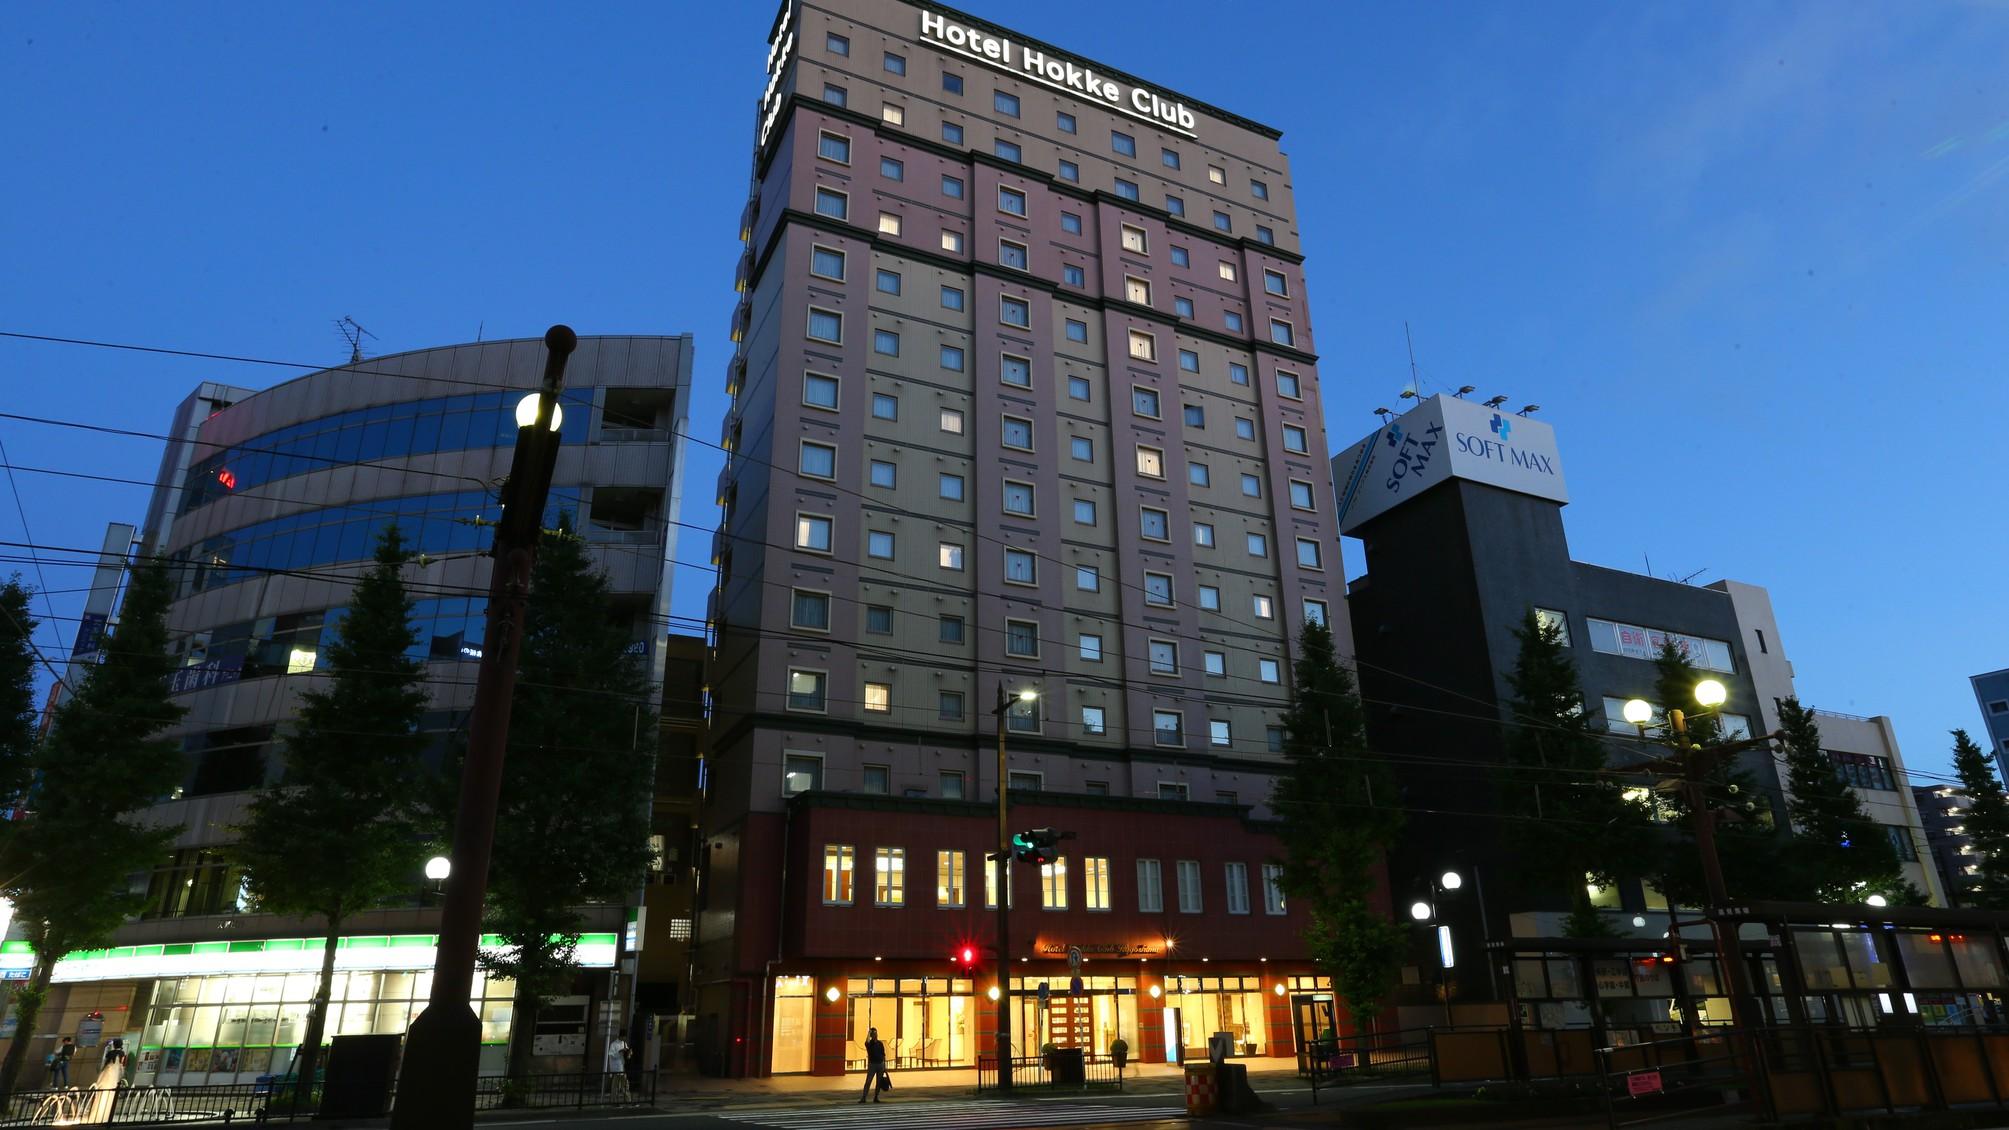 ホテル法華クラブ鹿児島 image